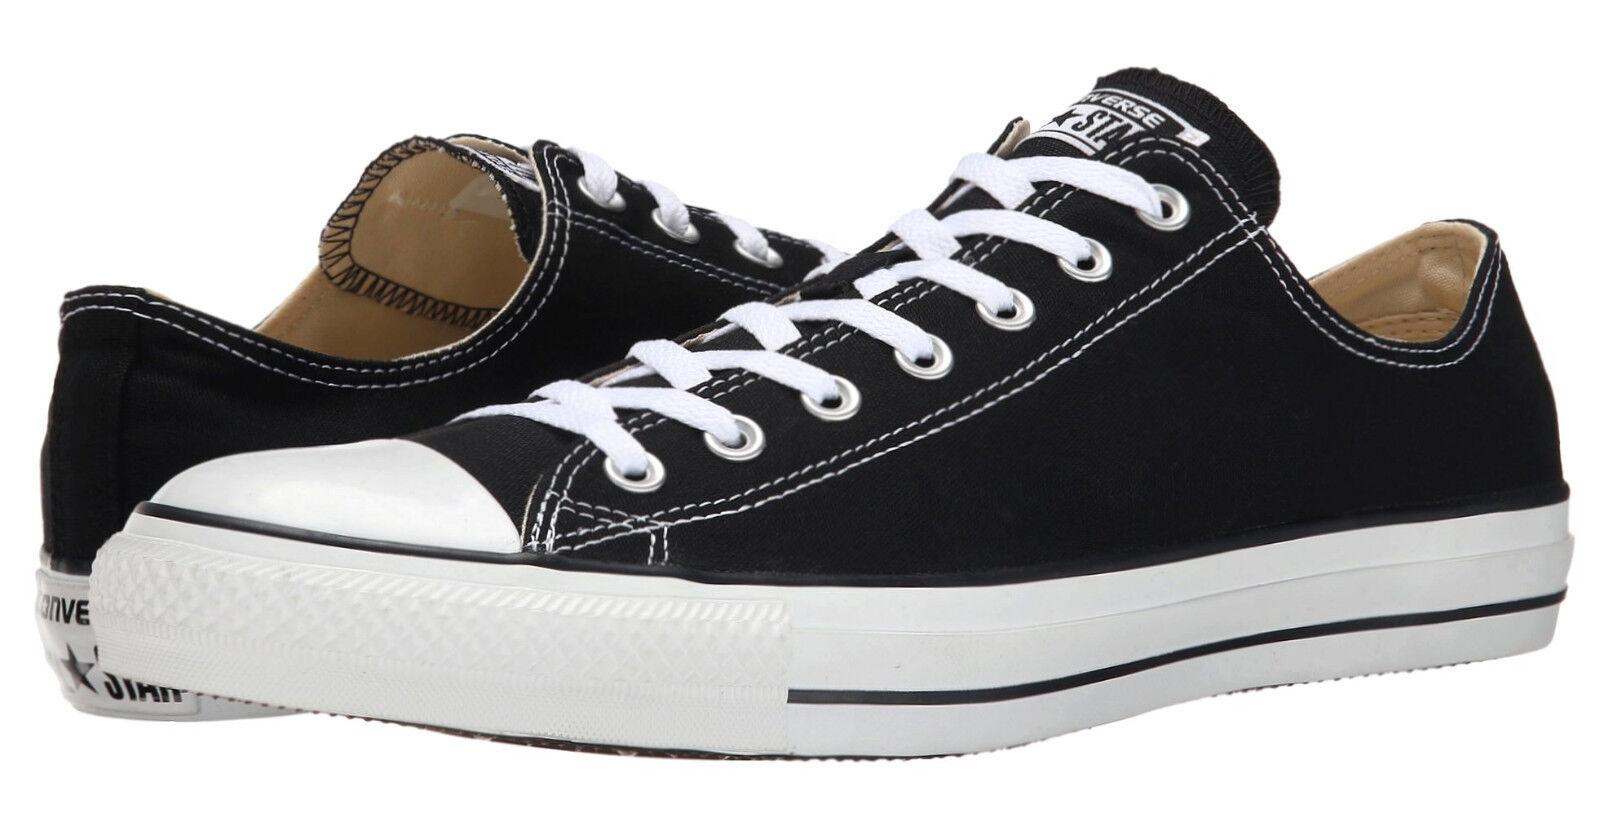 Converse Chuck torso Taylor All Star Ox Baja Prendas para el torso Chuck Negro Todos los tamaños Zapatos Deportivos Zapatos para mujer b4fc33